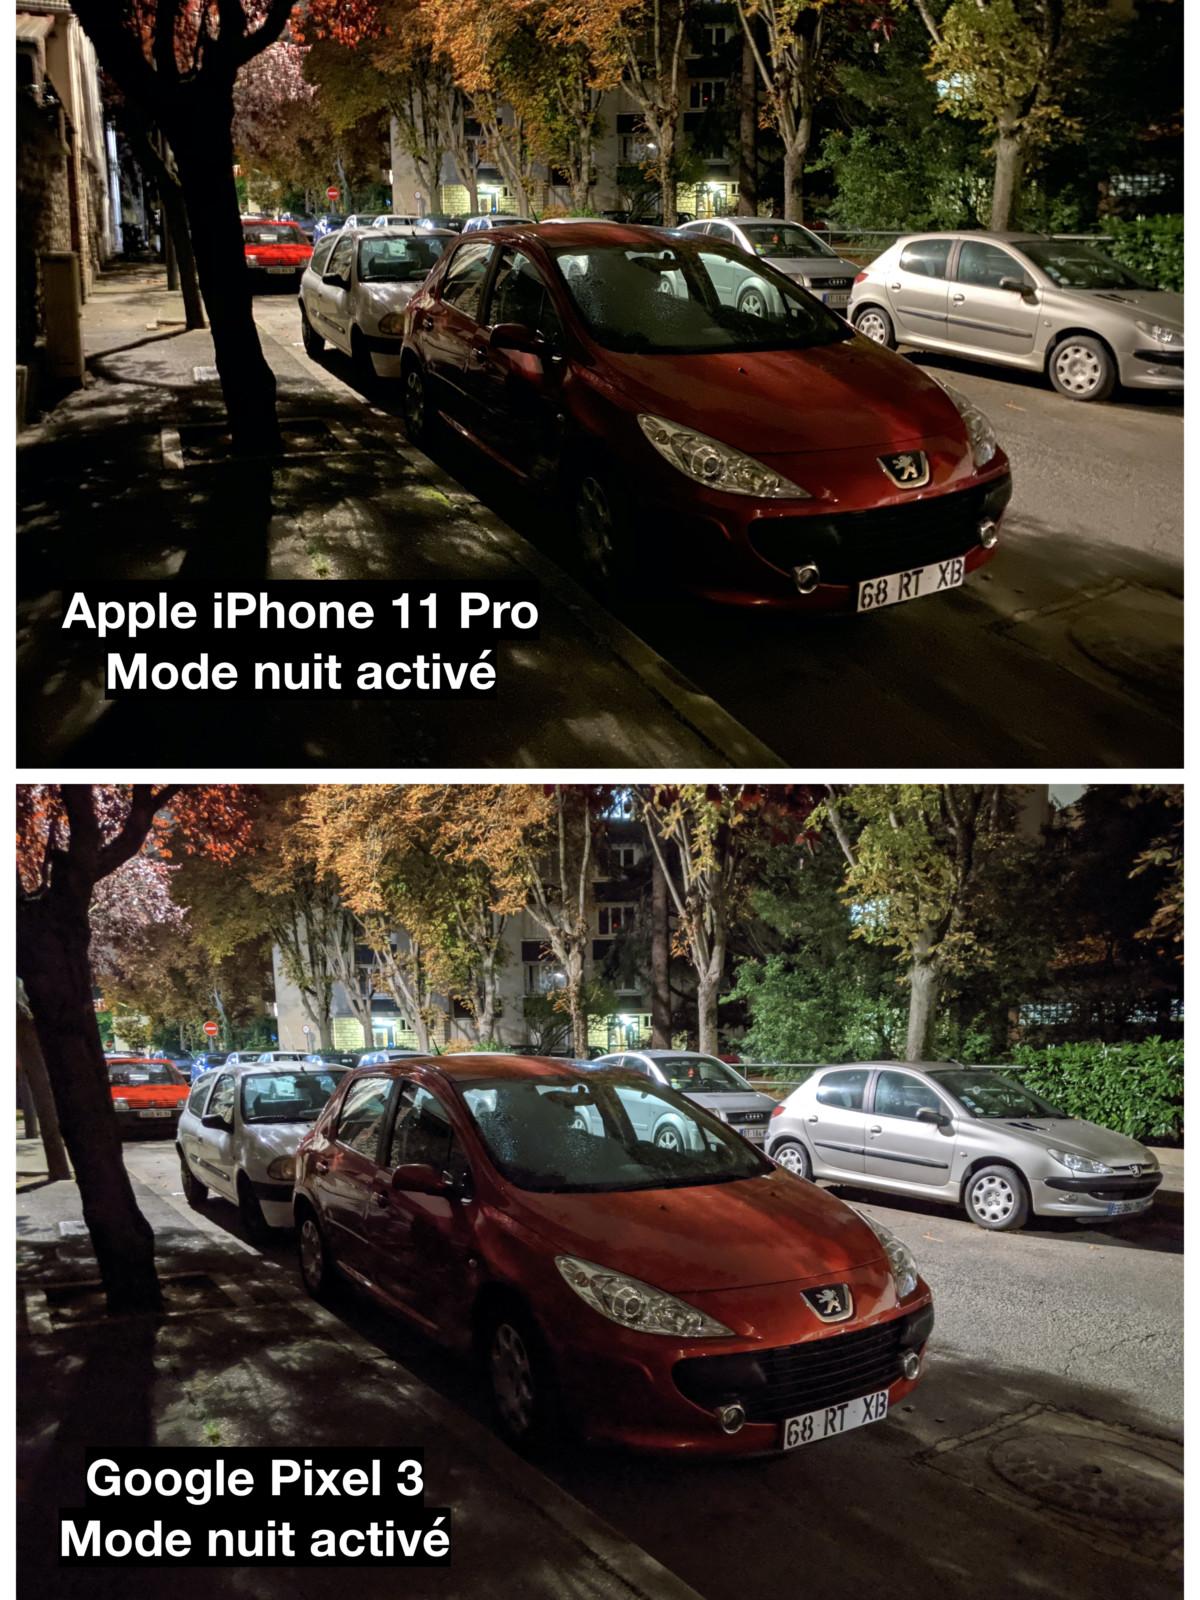 Mode nuit // Comparaison entre l'iPhone 11 Pro et le Pixel 3